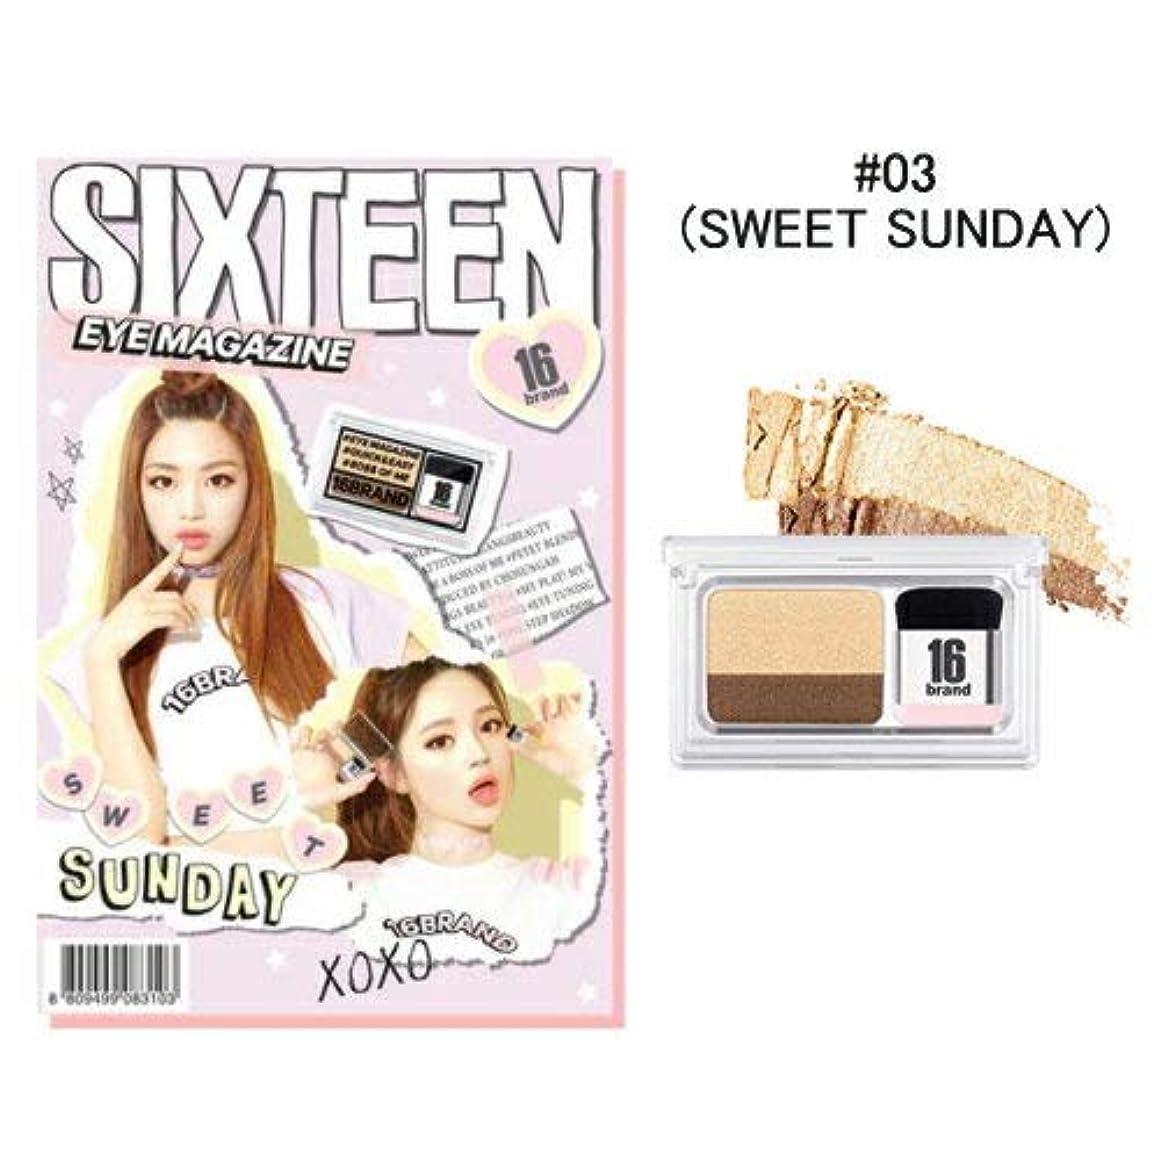 石化するストレッチつば[New Color] 16brand Sixteen Eye Magazine 2g /16ブランド シックスティーン アイ マガジン 2g (#03 SWEET SUNDAY) [並行輸入品]